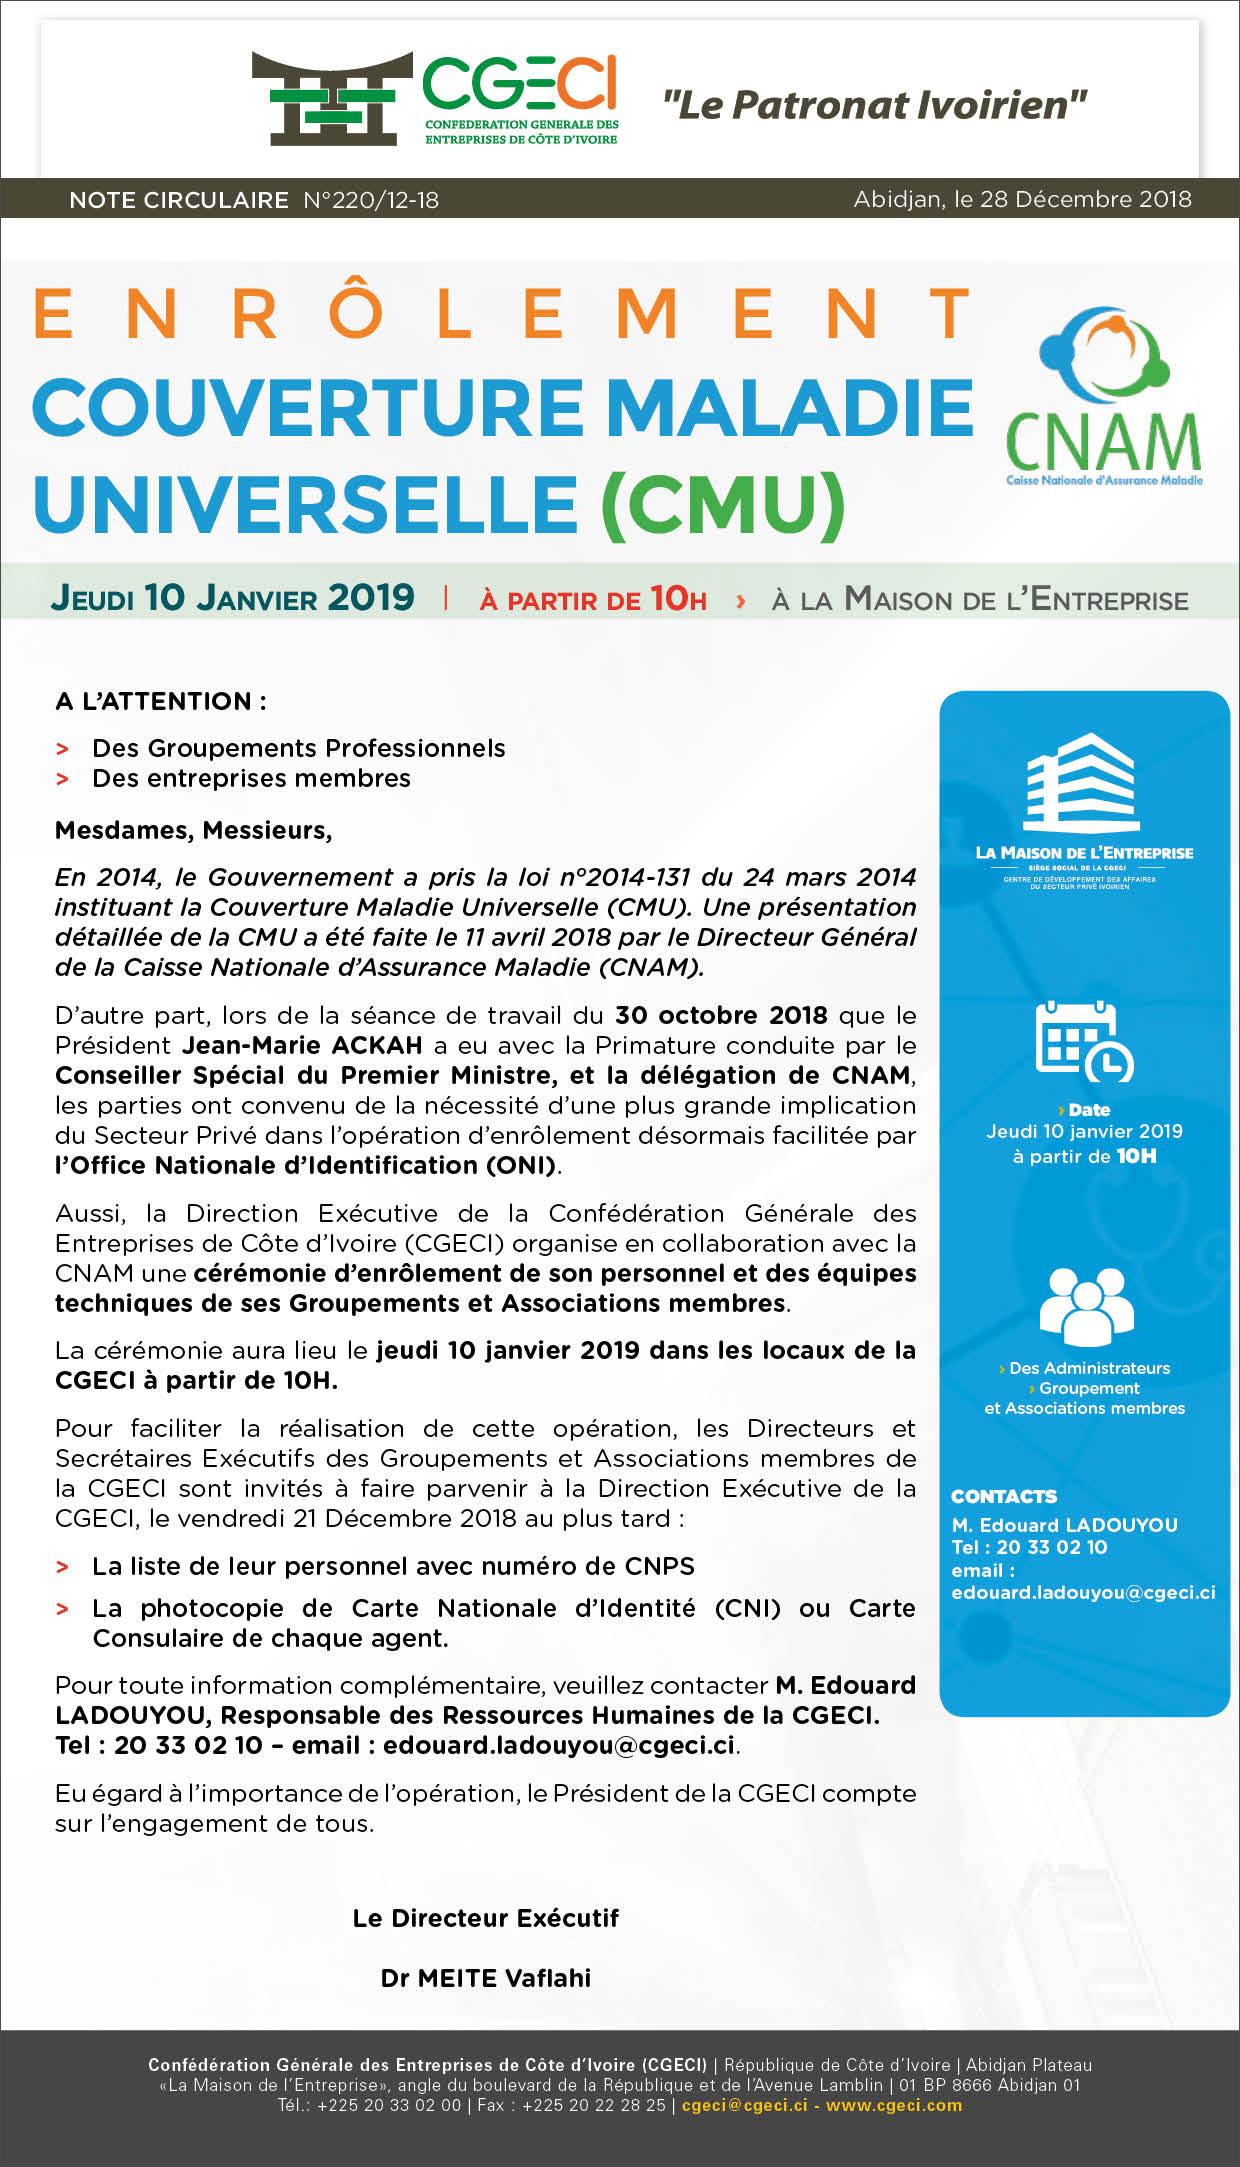 Enrôlement Couverture Maladie Universelle (CMU)